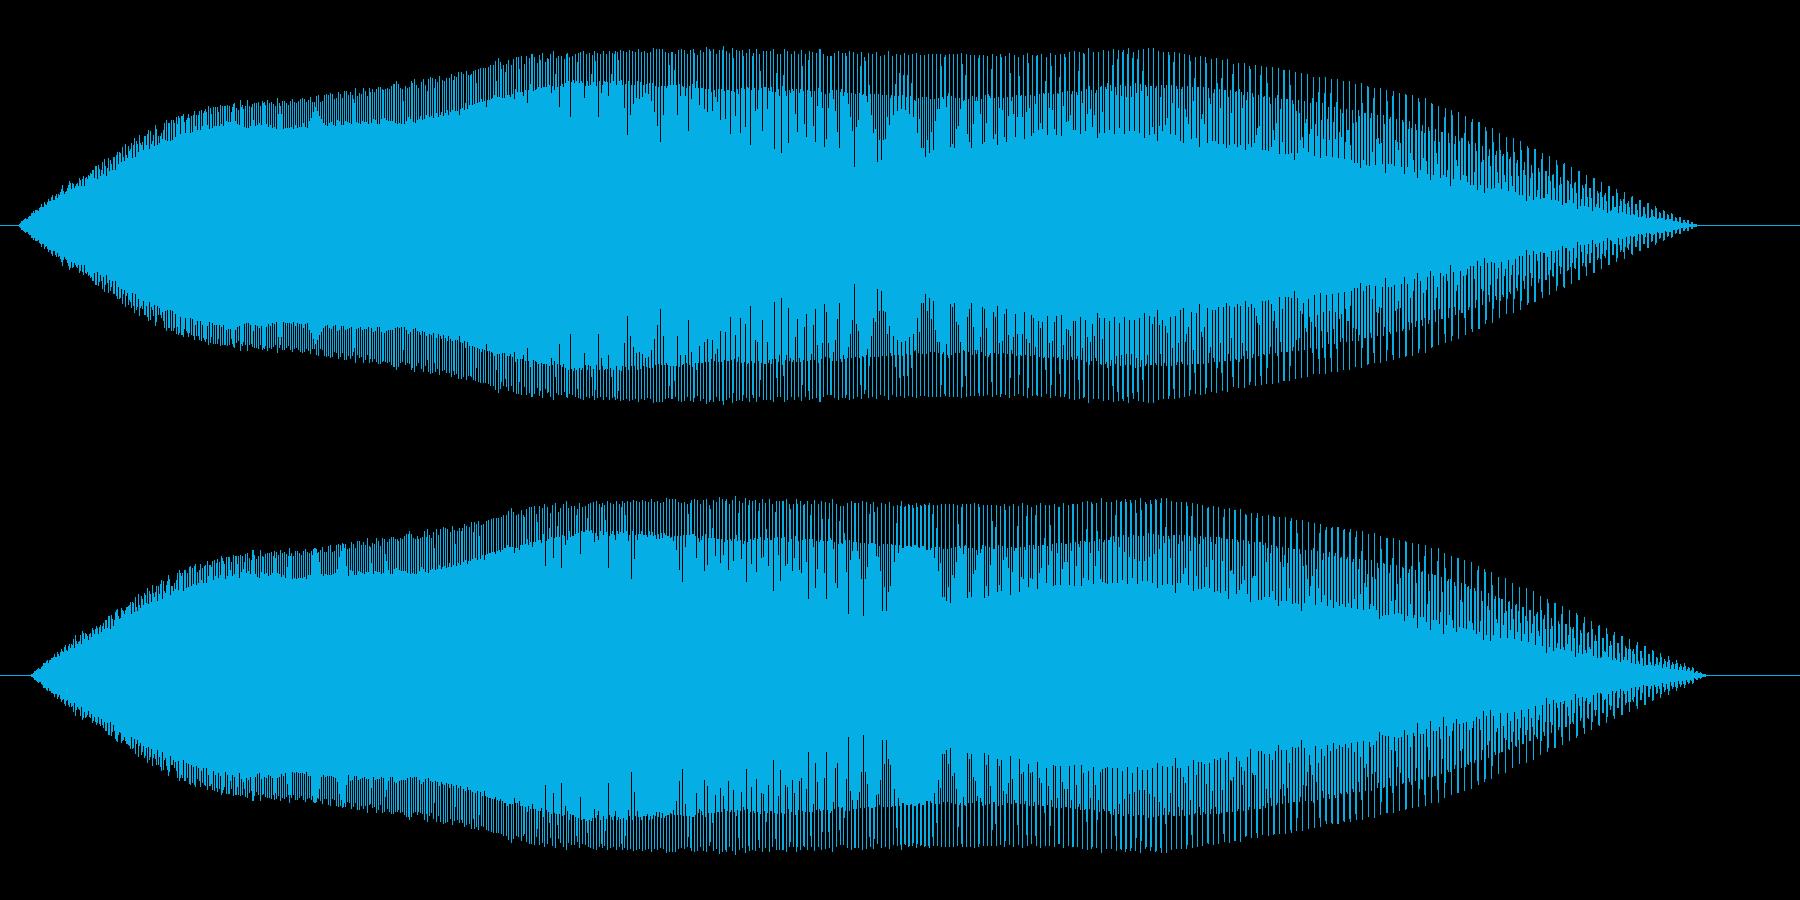 ピュゥゥ〜ン(降下していく感じの音)の再生済みの波形